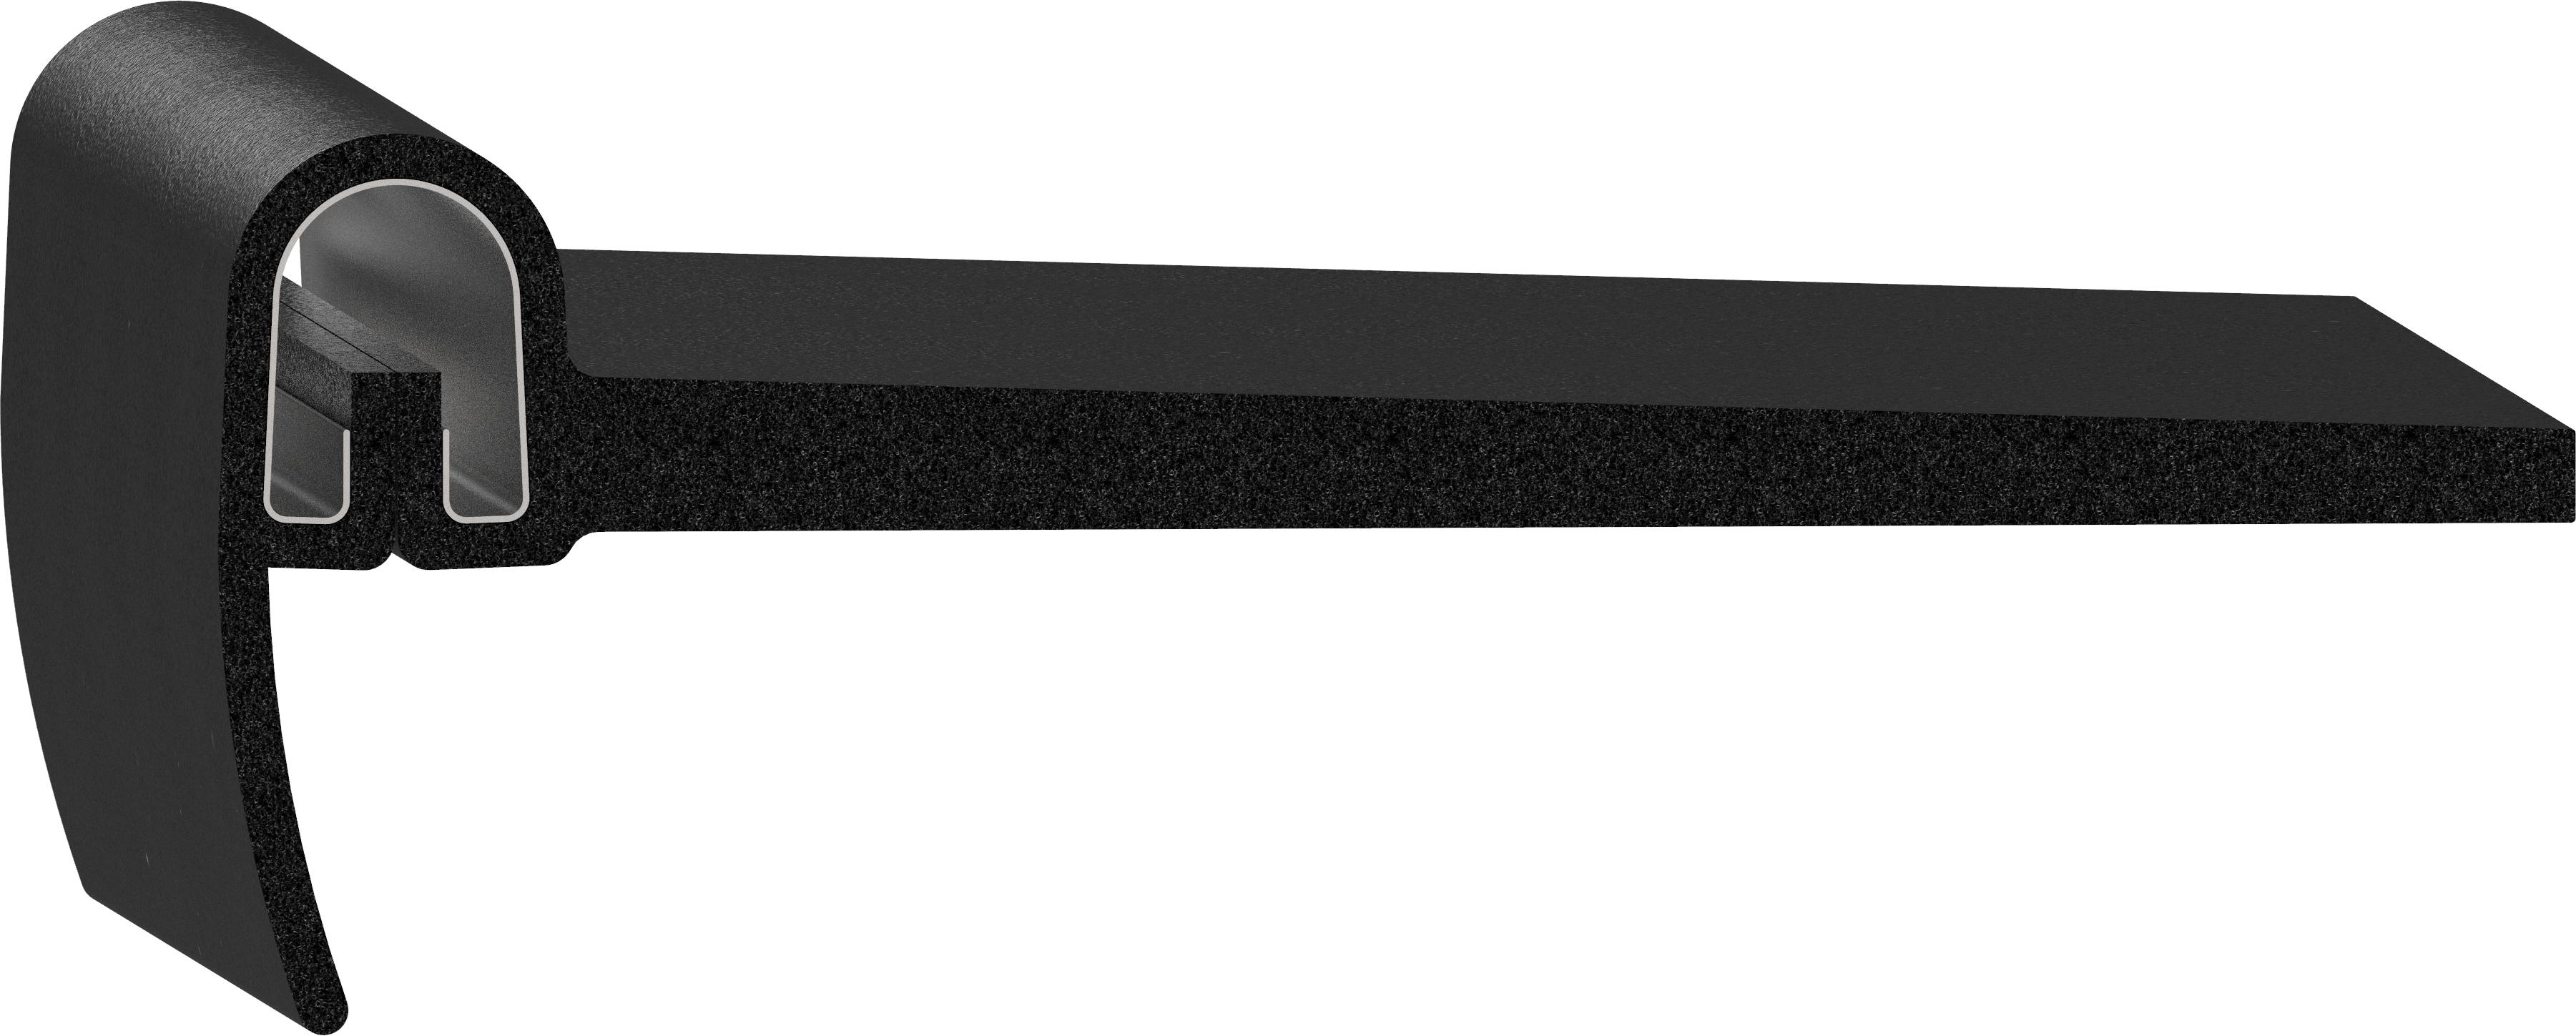 Uni-Grip part: ED-5340 FLAP